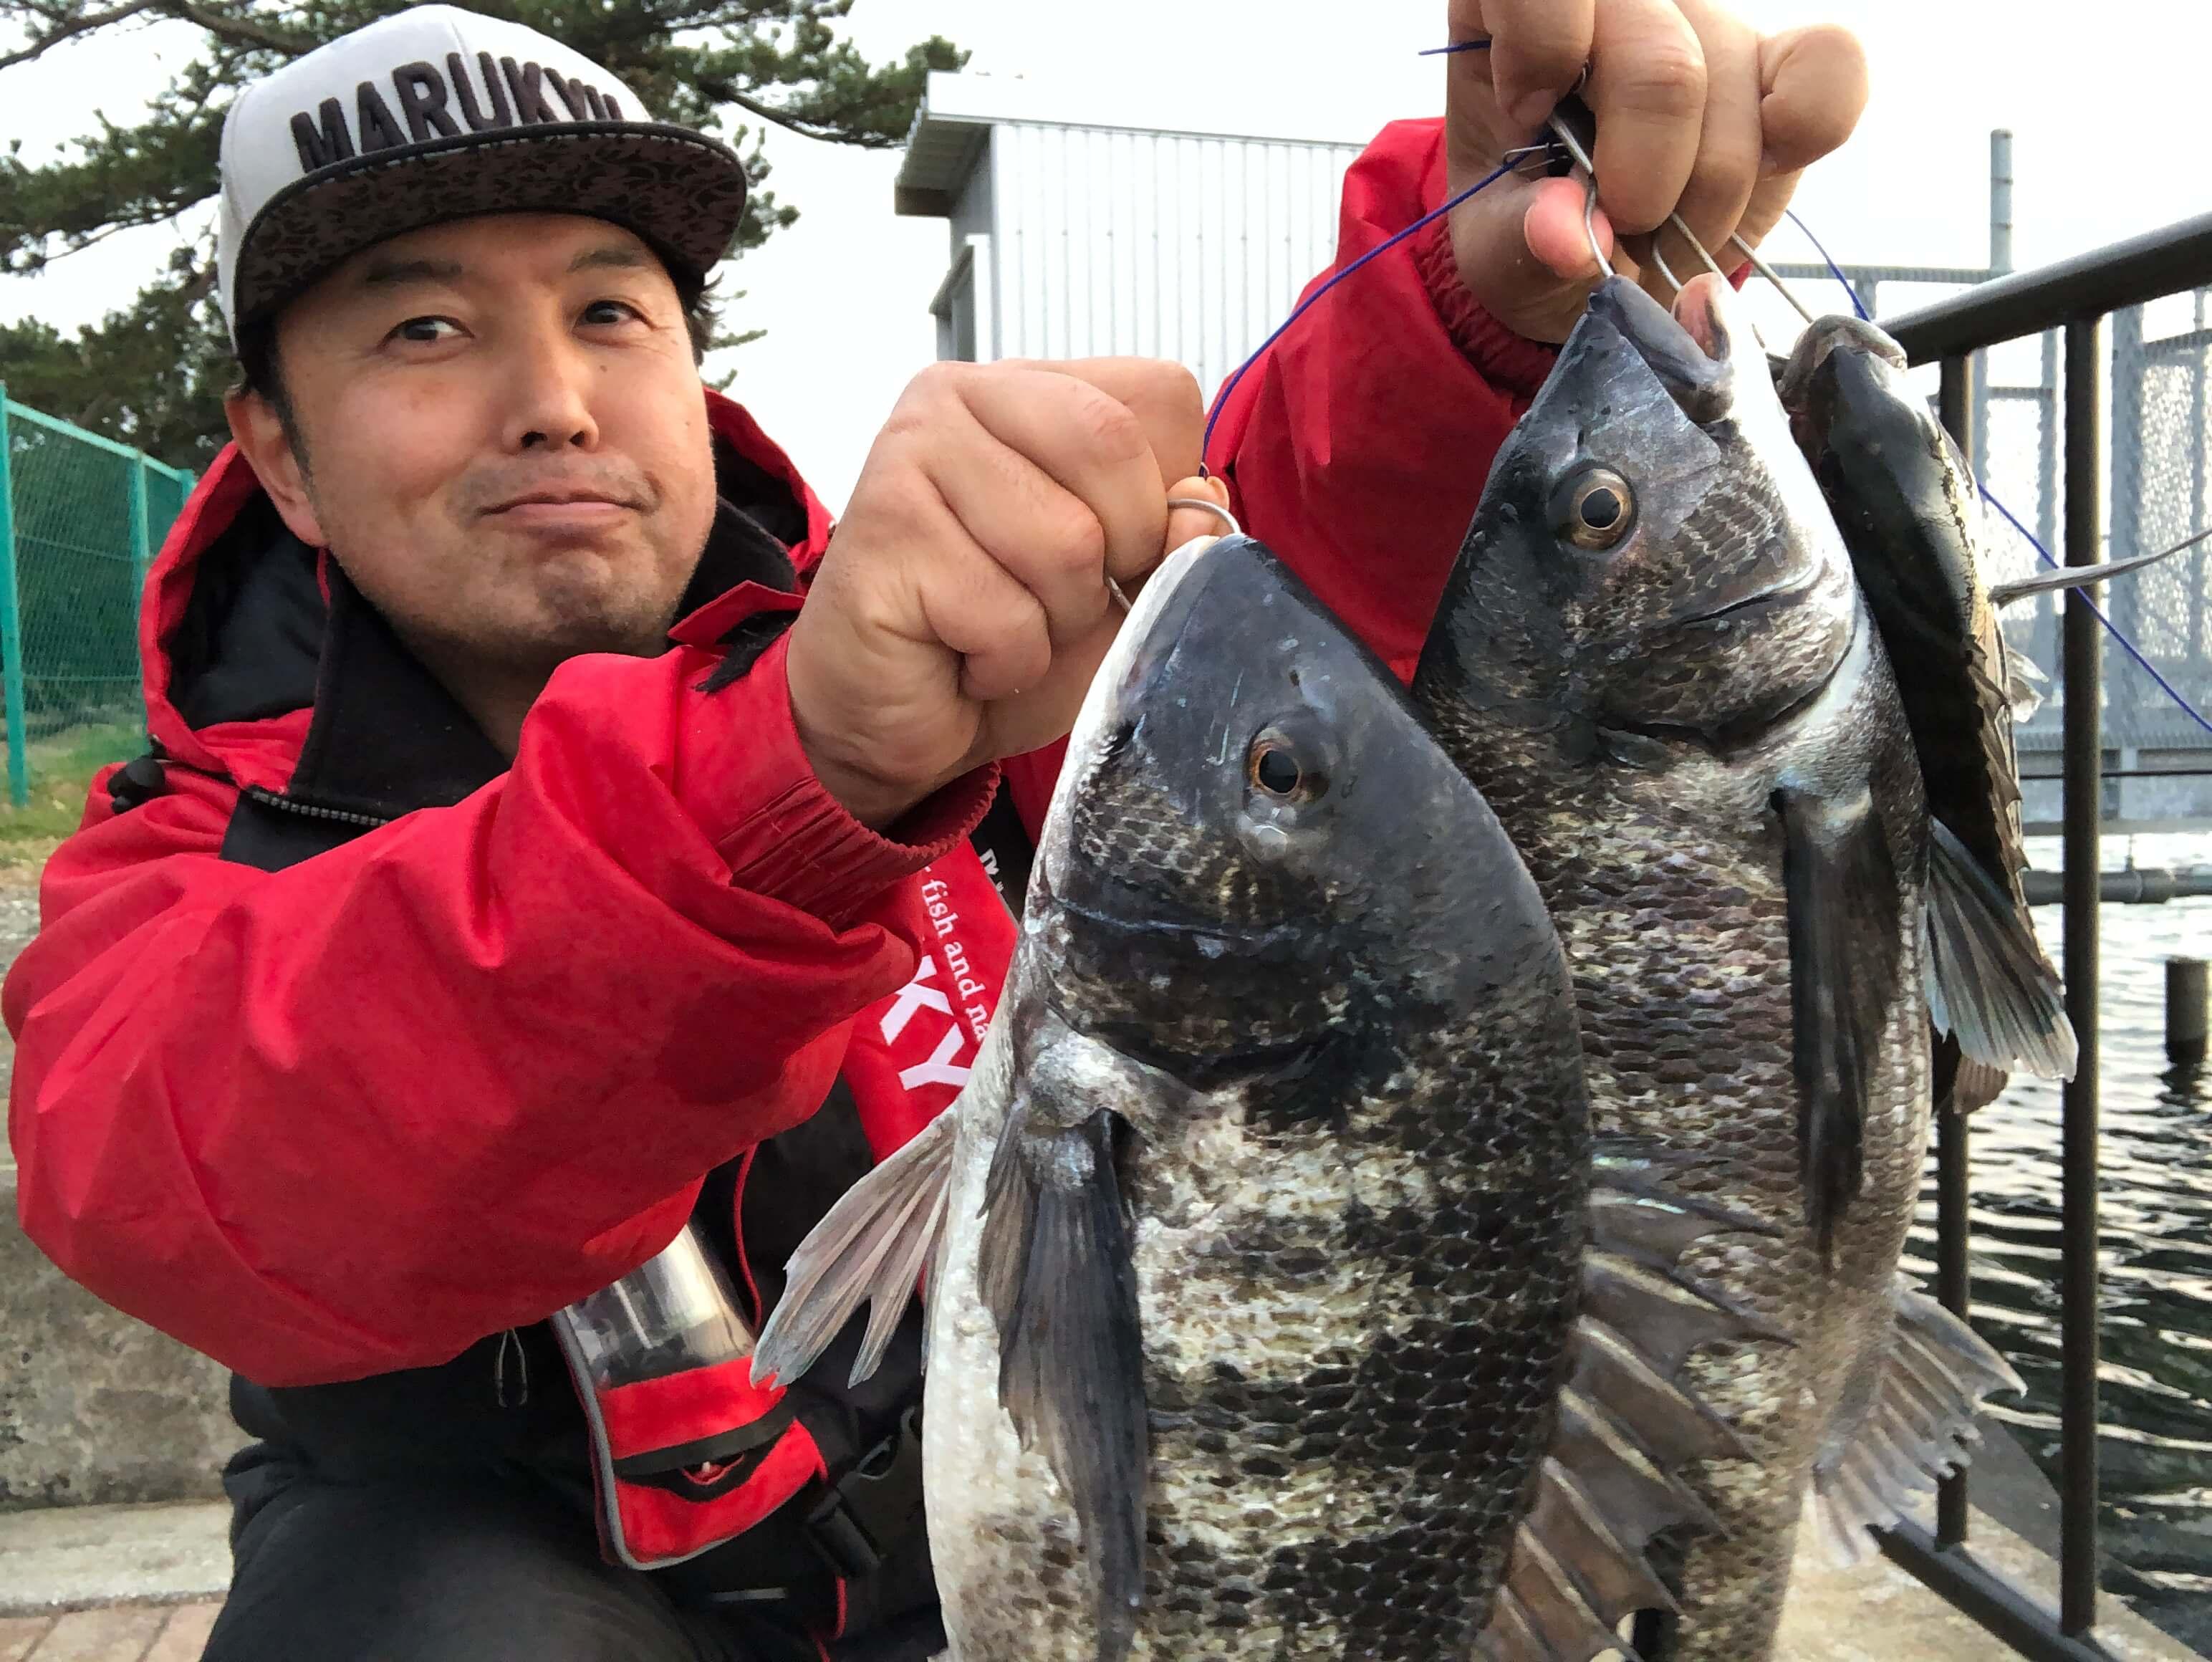 2020年03月22日(日曜日)|クロダイ・チヌ(ウキダンゴ釣り)|静岡県 – 中浜名湖|ウキ紀州・ダンゴ|フィールドスタッフ佐々木 博司